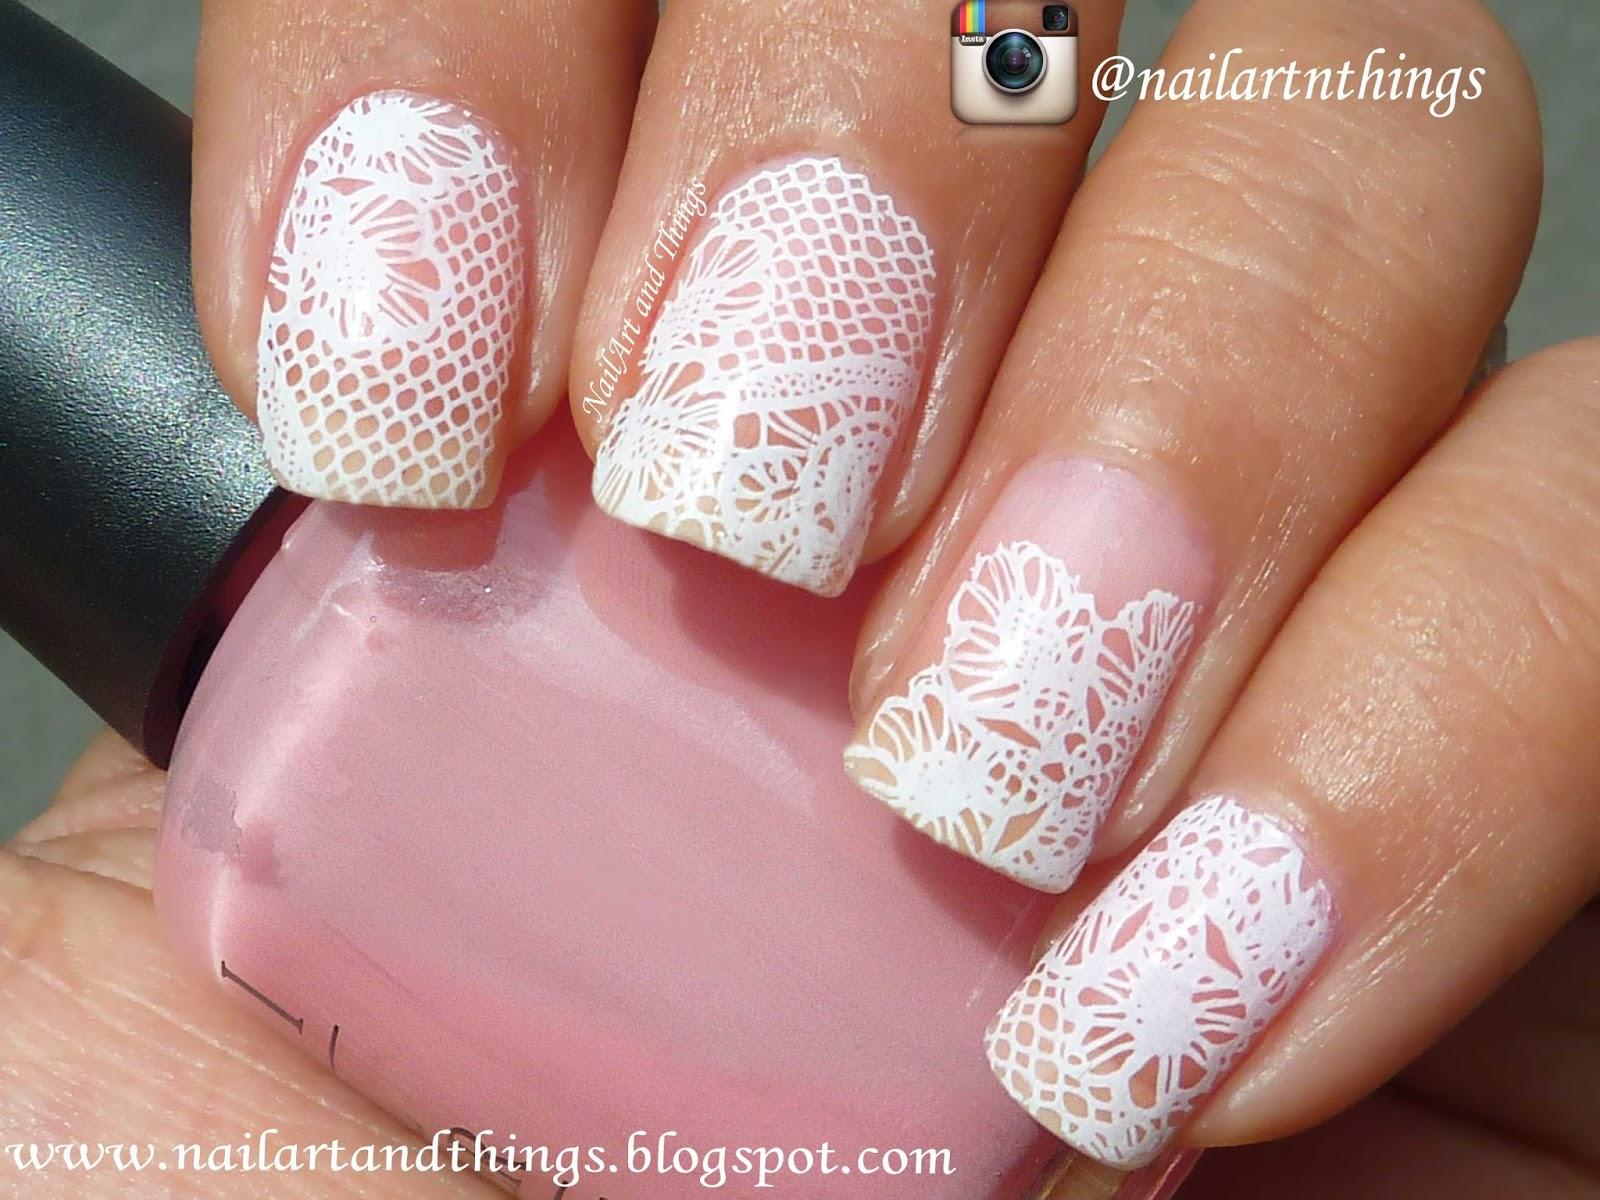 NailArt and Things: Elegant Bridal Lace Nail Art